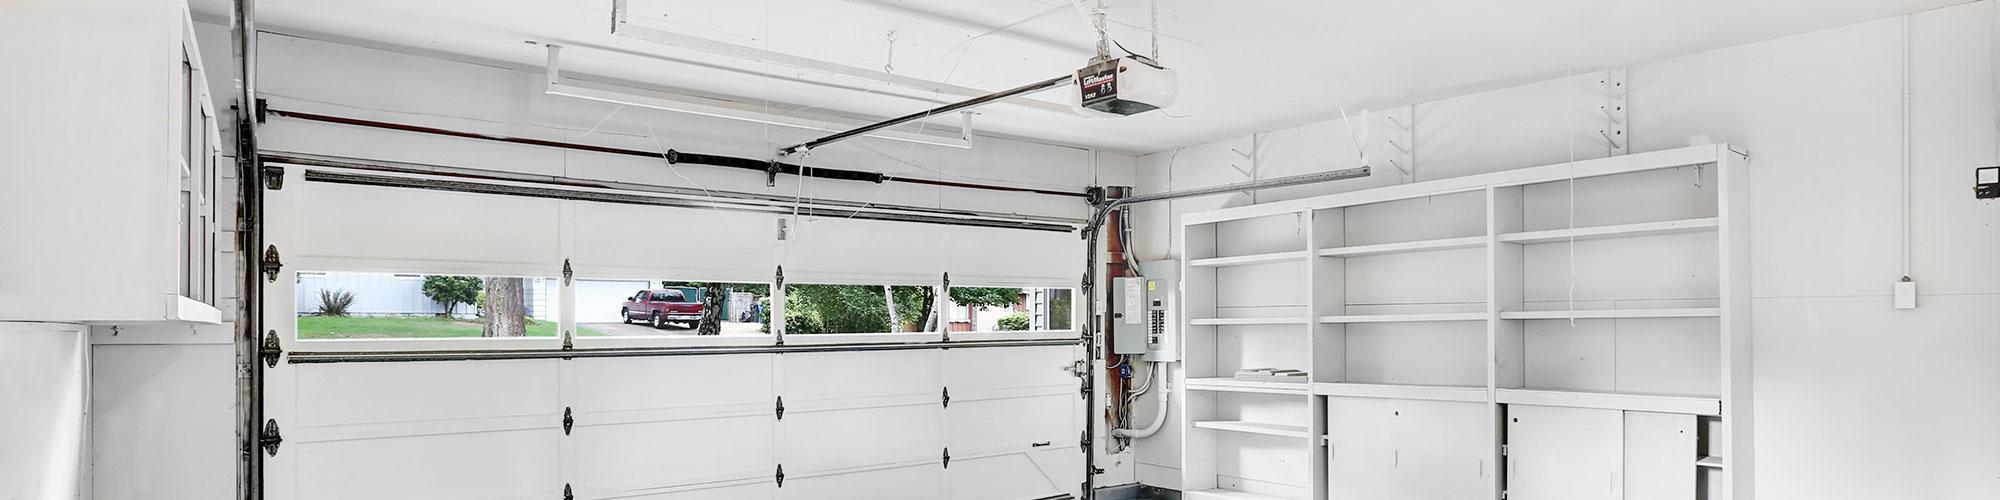 garage-door-opener-slide-1 Garage Door Openers